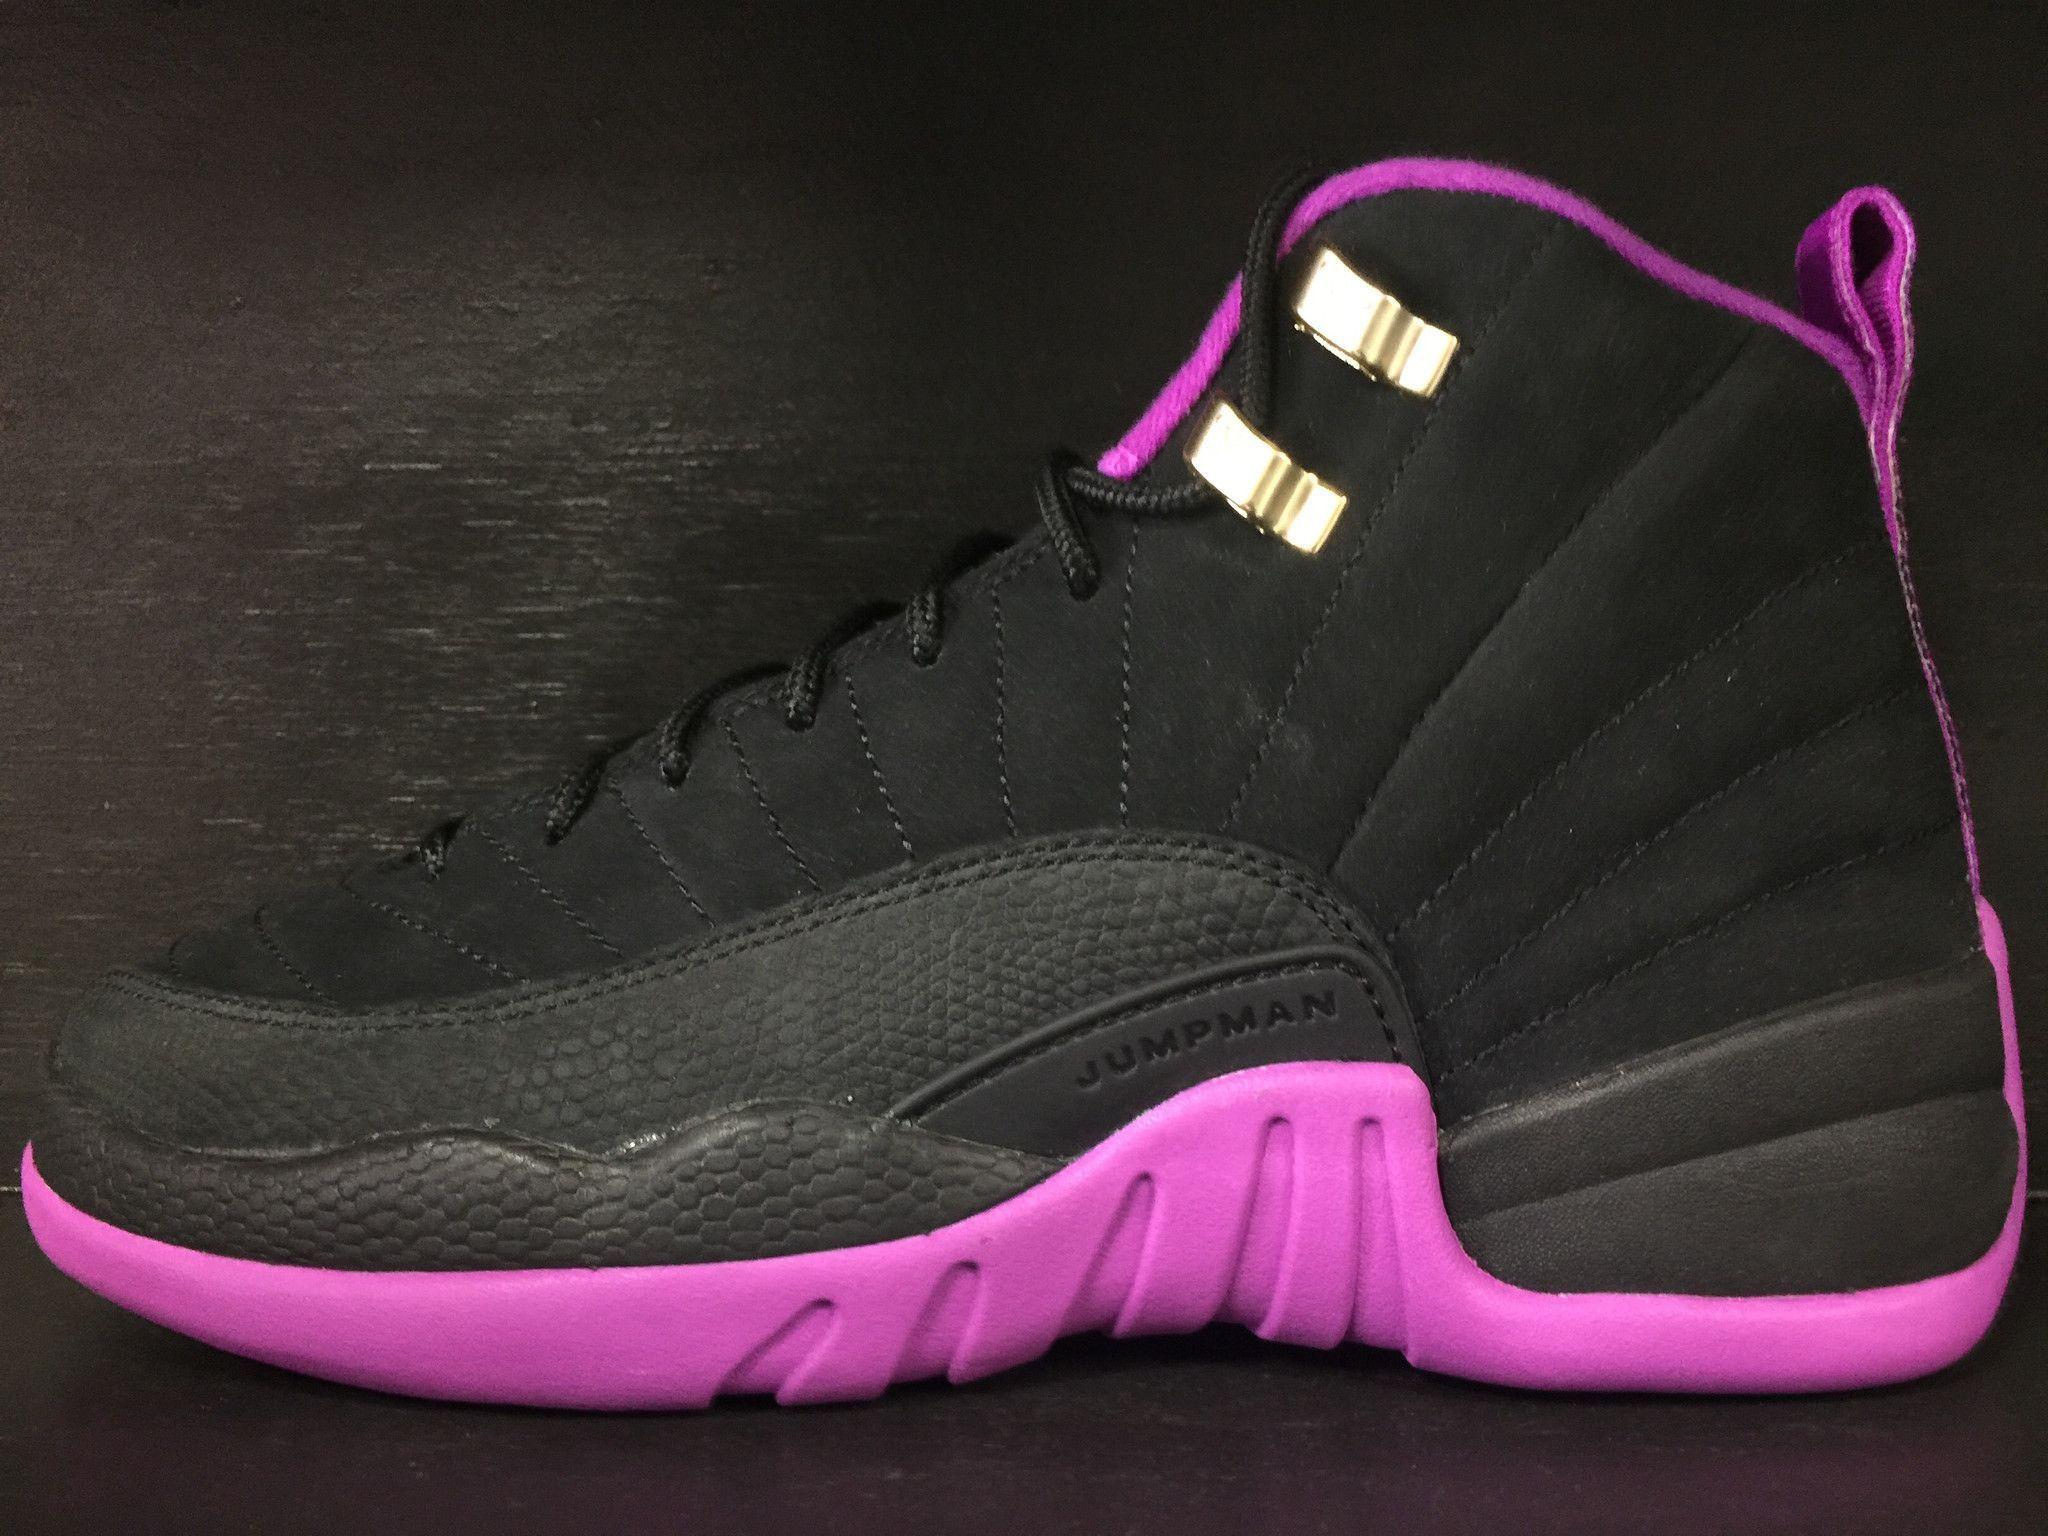 d464188bb95284 Air Jordan 12 Retro Hyper Violet GS